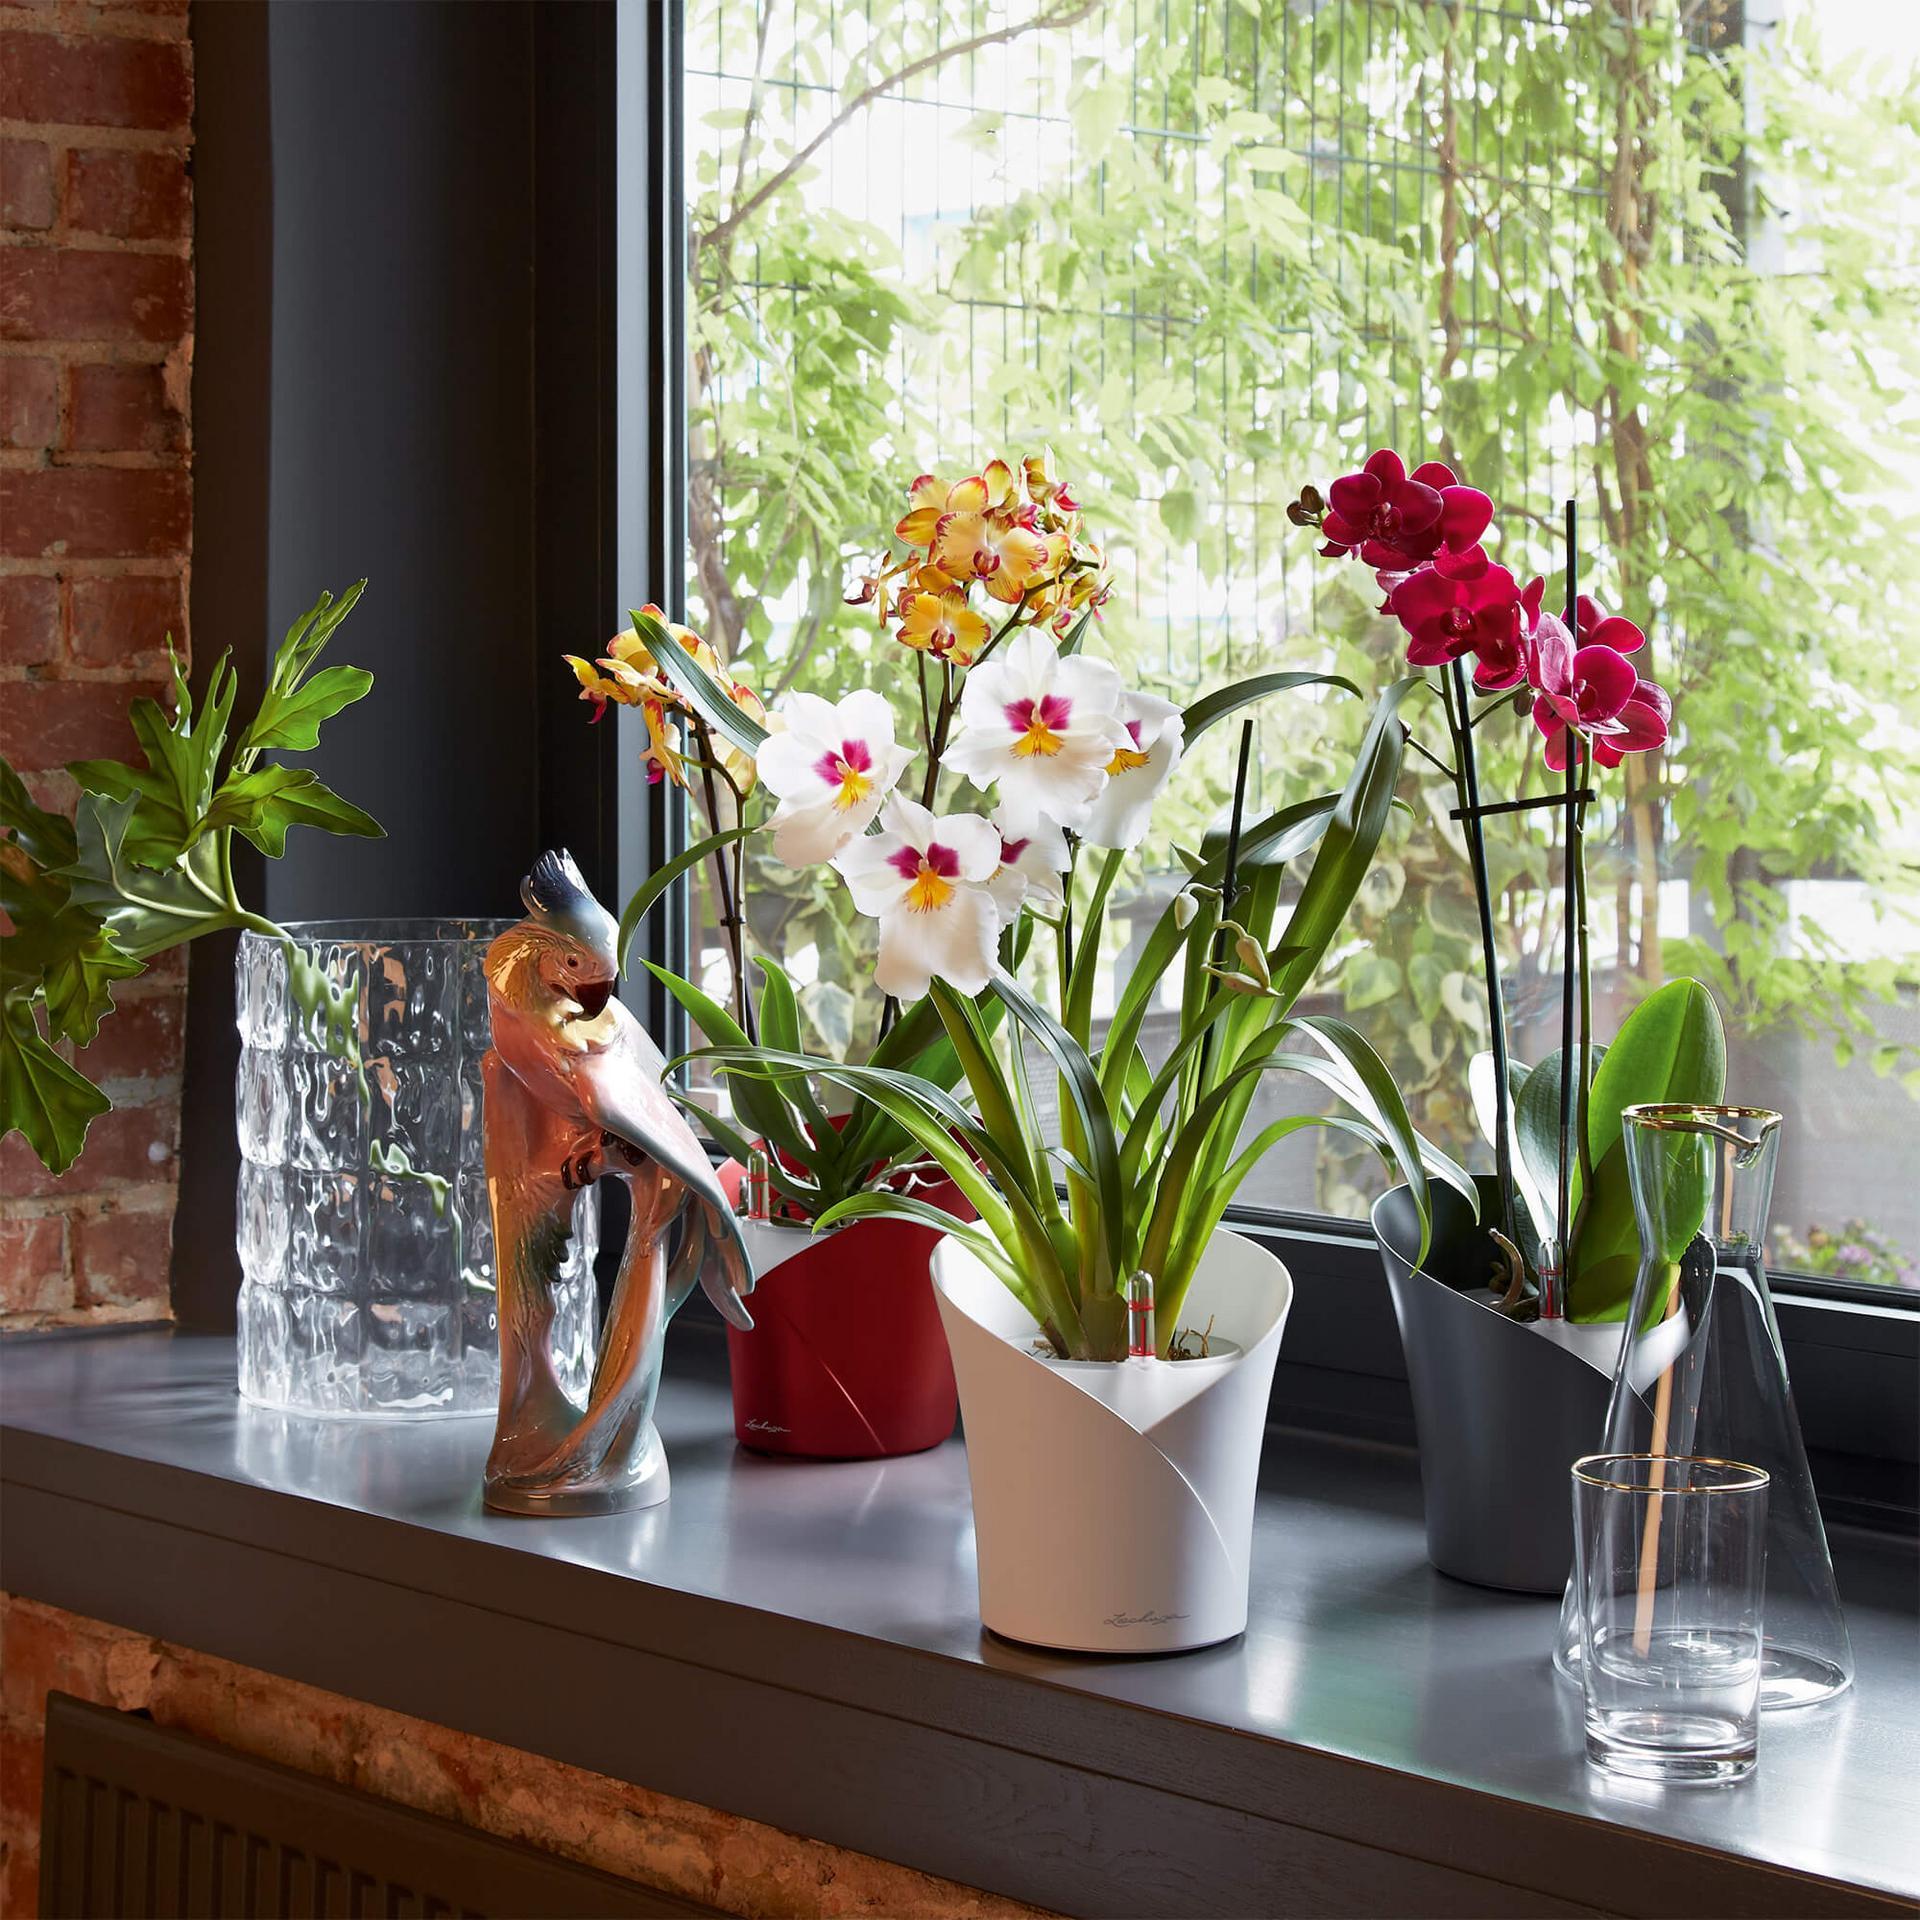 le_orchidea_product_addi_03